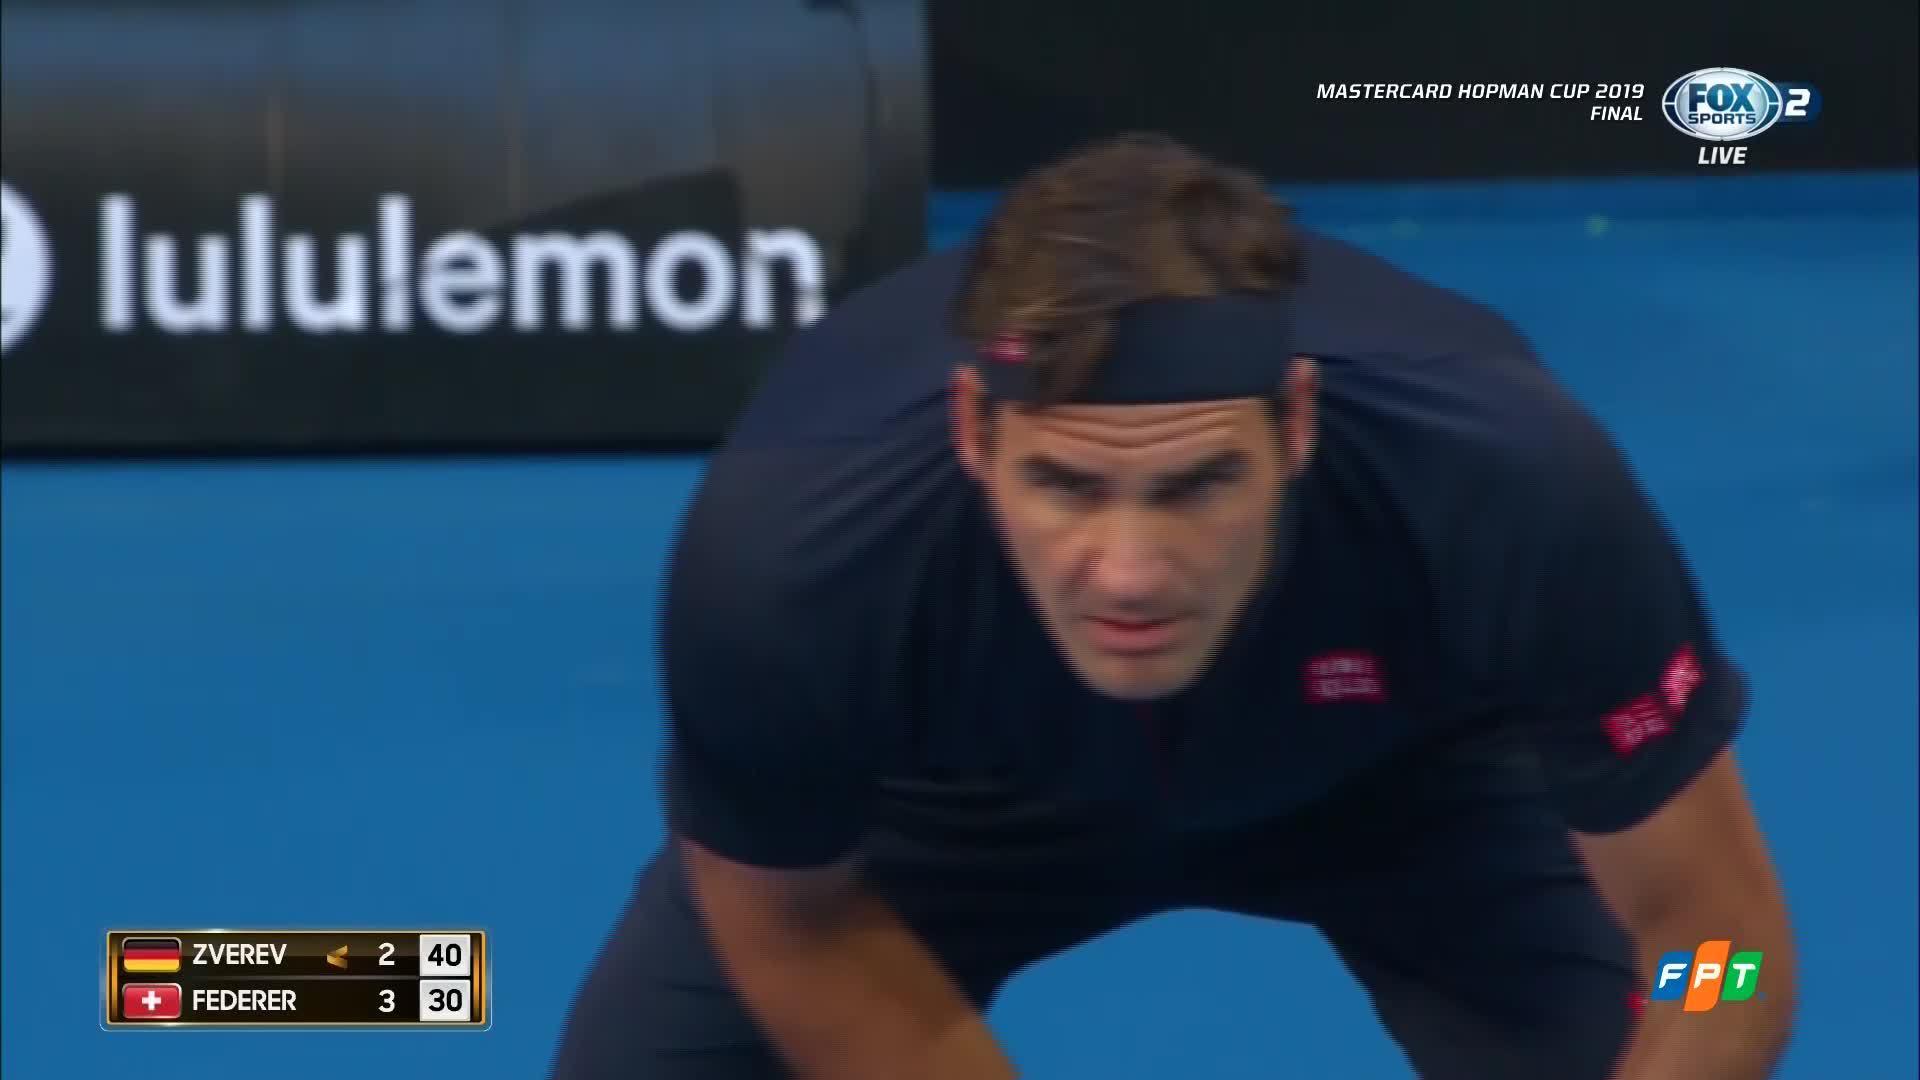 Alexander Zverev 0-2 Roger Federer